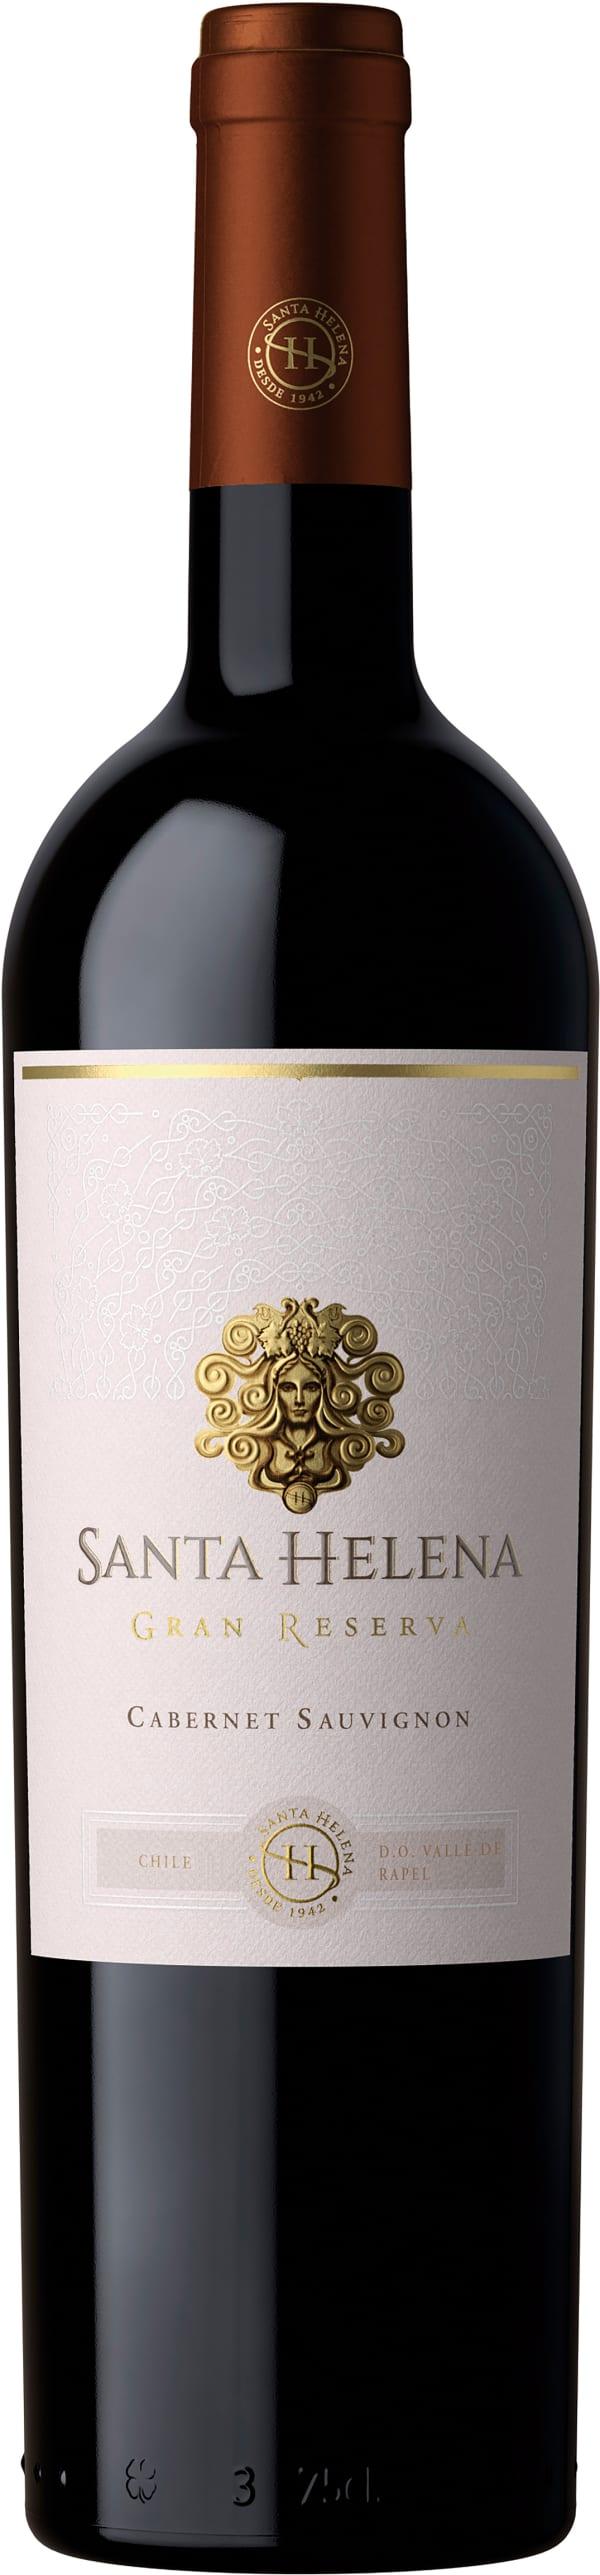 Santa Helena Viini